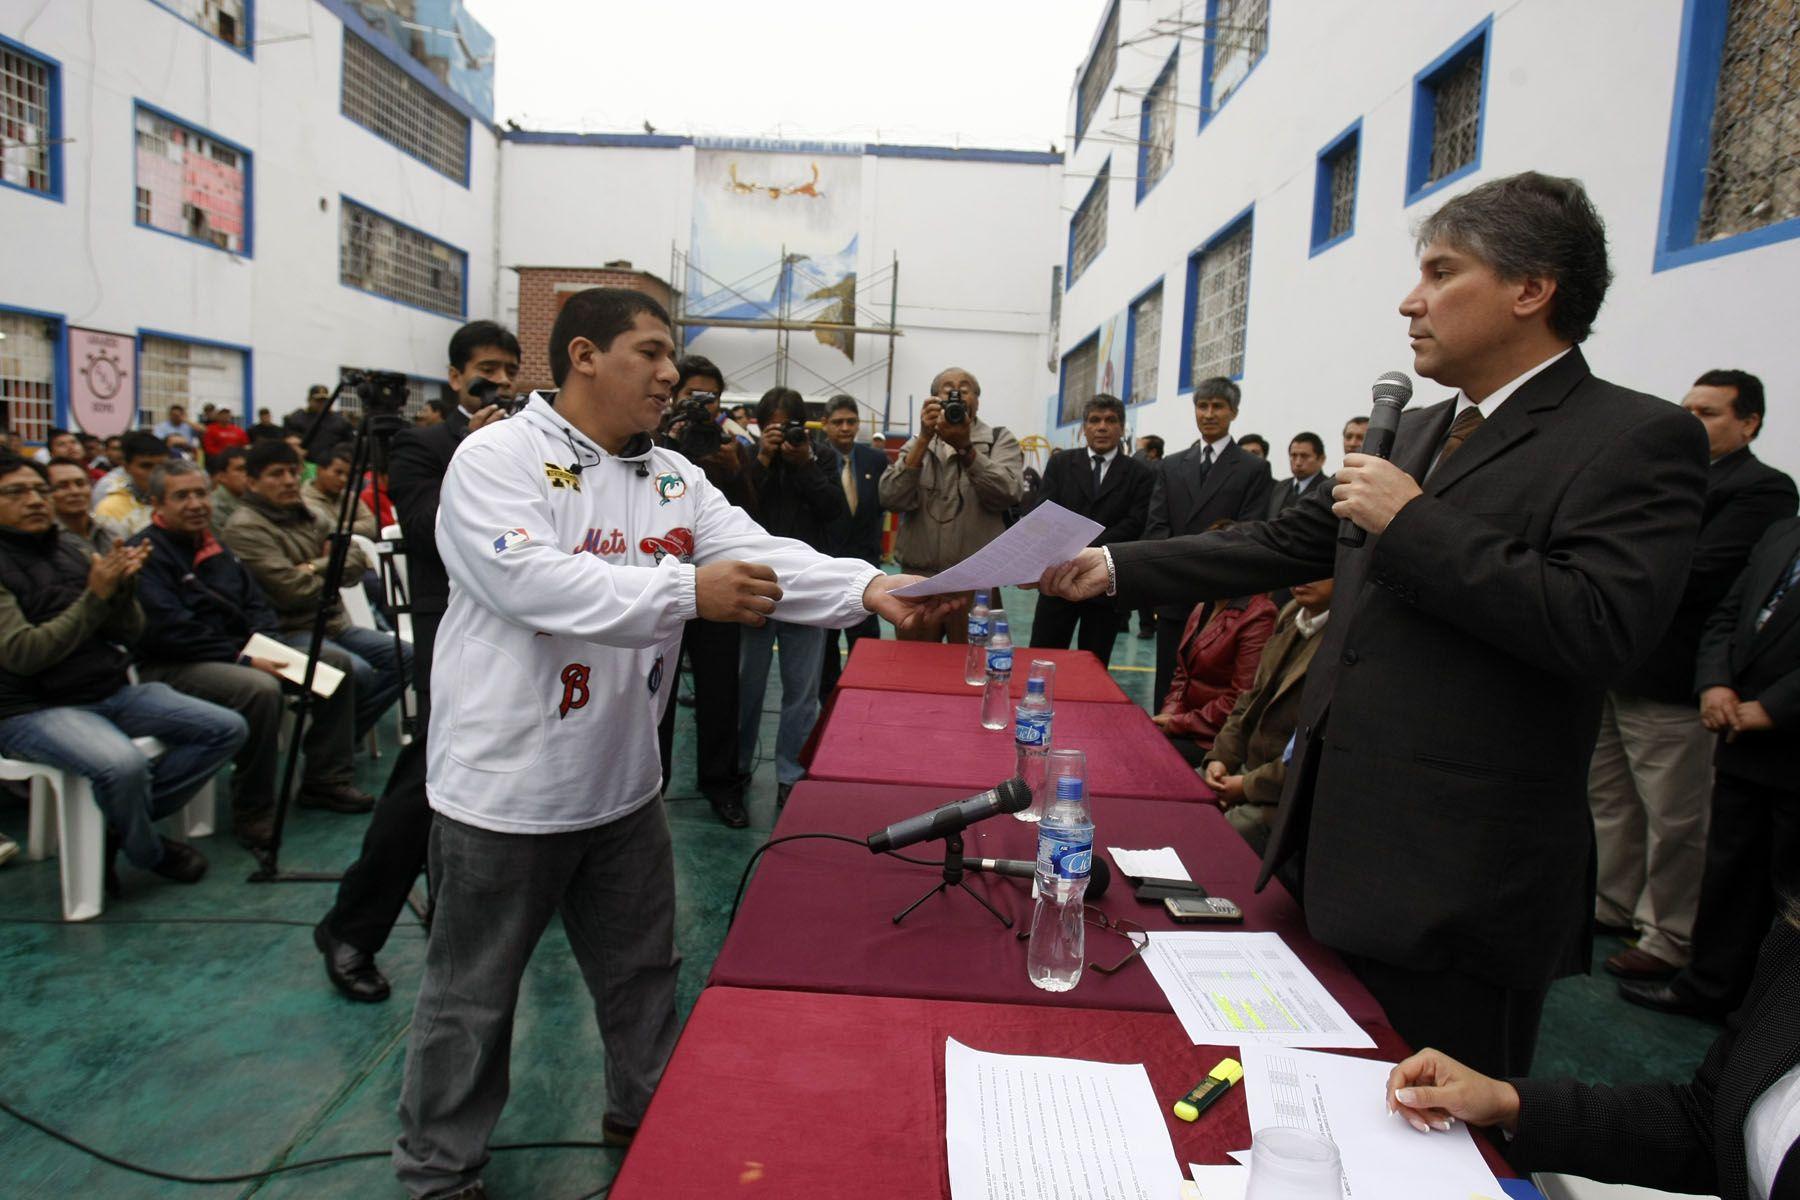 El Ministro de Justicia, Aurelio Pastor, en el penal de Lurigancho. Foto:ANDINA / Juan Carlos Guzmán Negrini/Archivo.